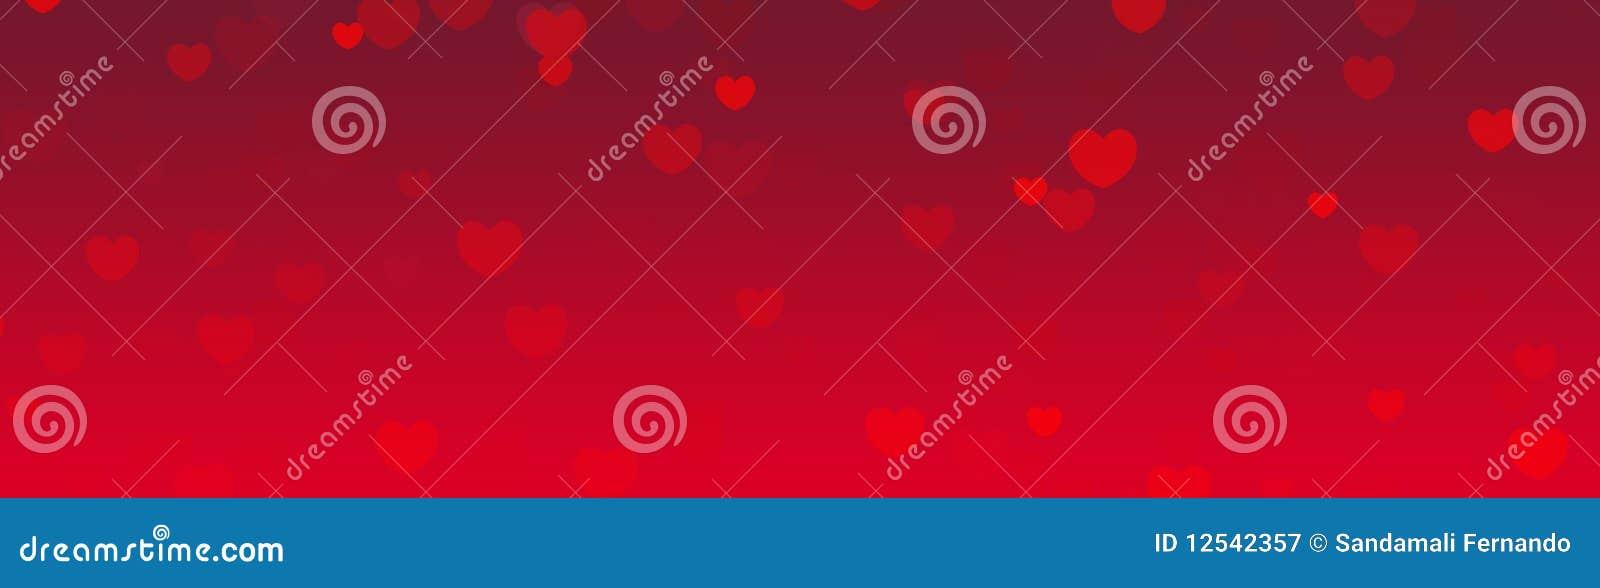 Valentines day web header